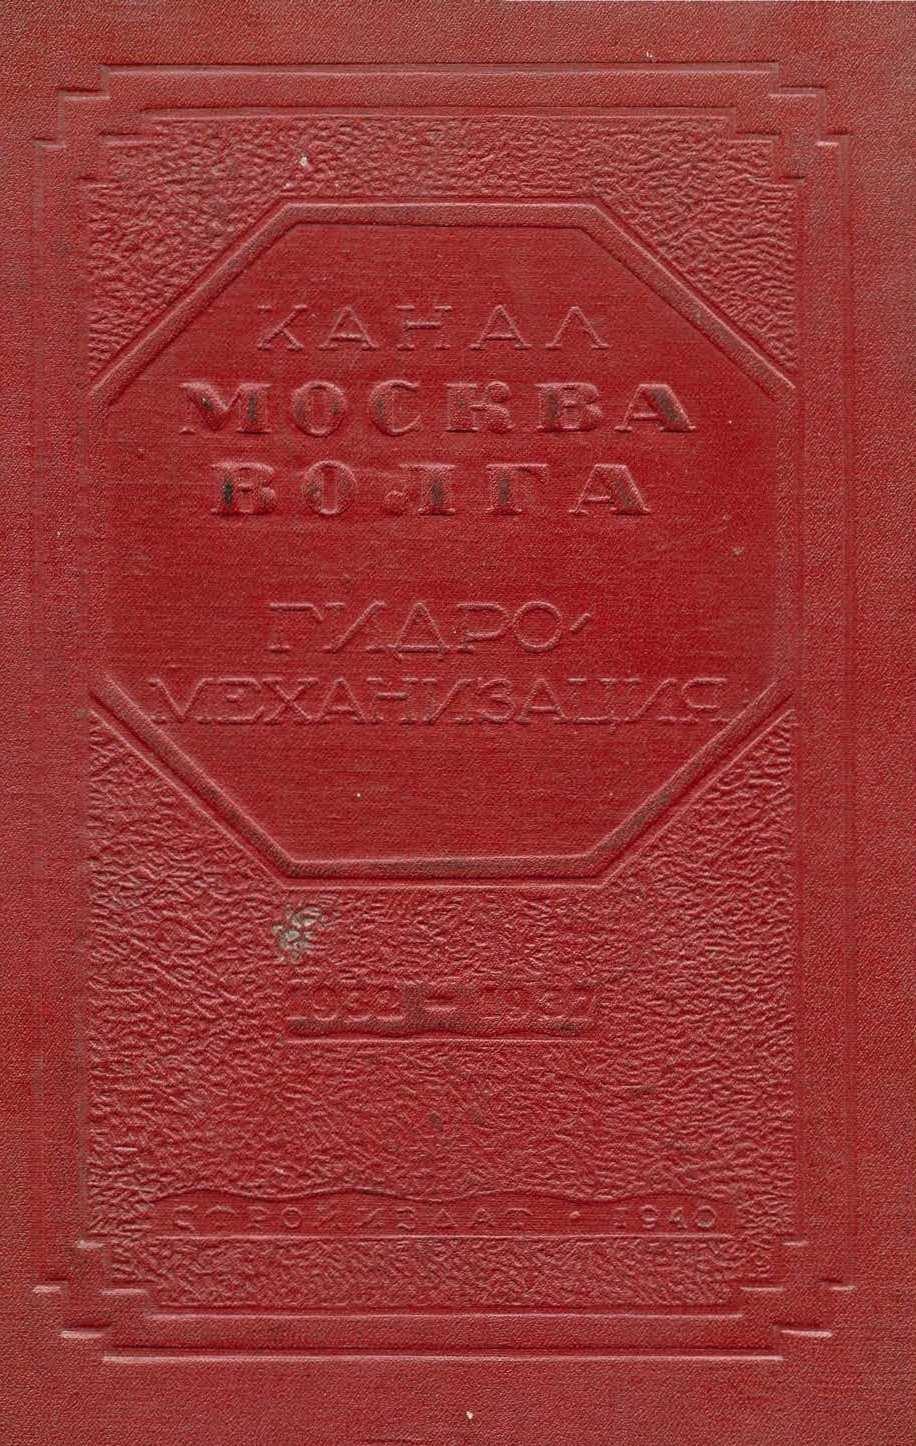 kanal-moskva-volga-1932-1937-gidromehanizatciia-1940_Page1.jpg